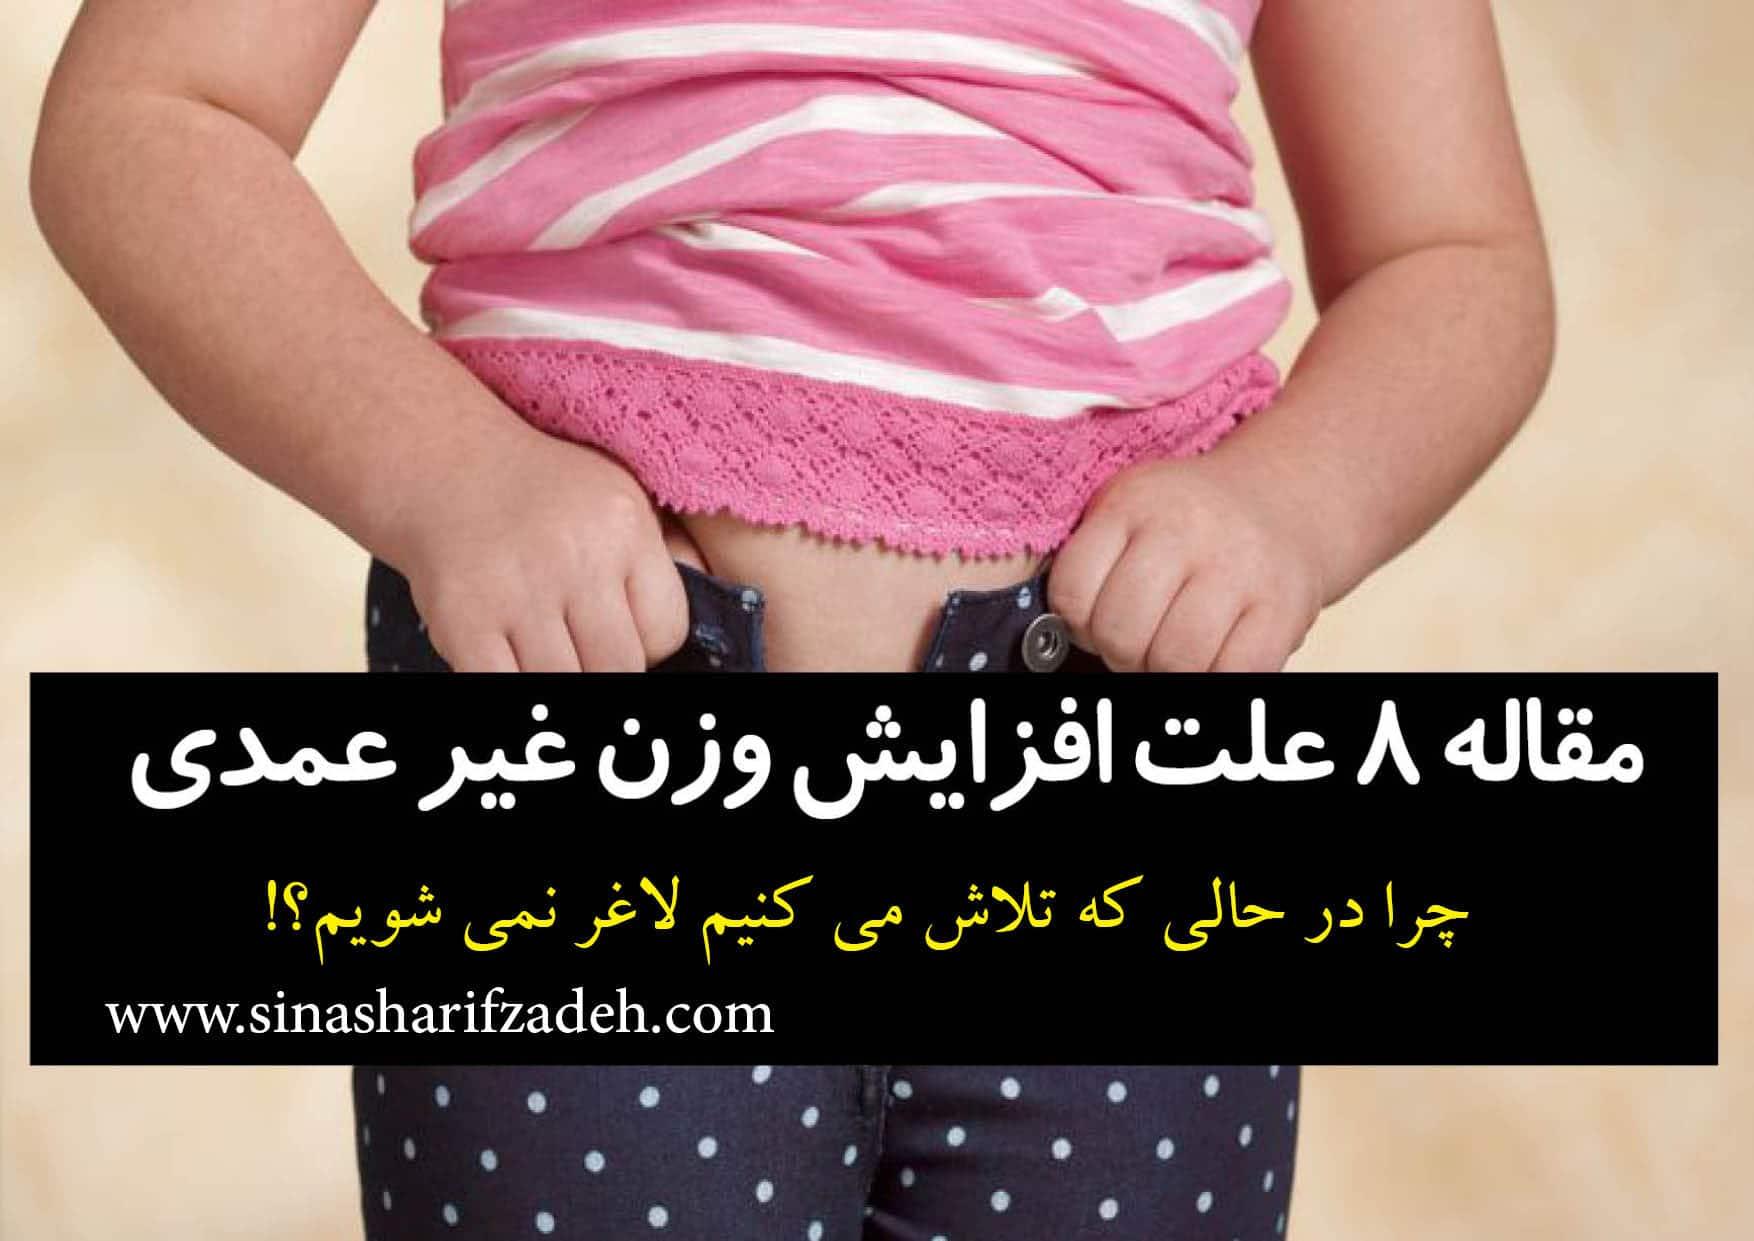 ۸ علت افزایش وزن غیر عمدی